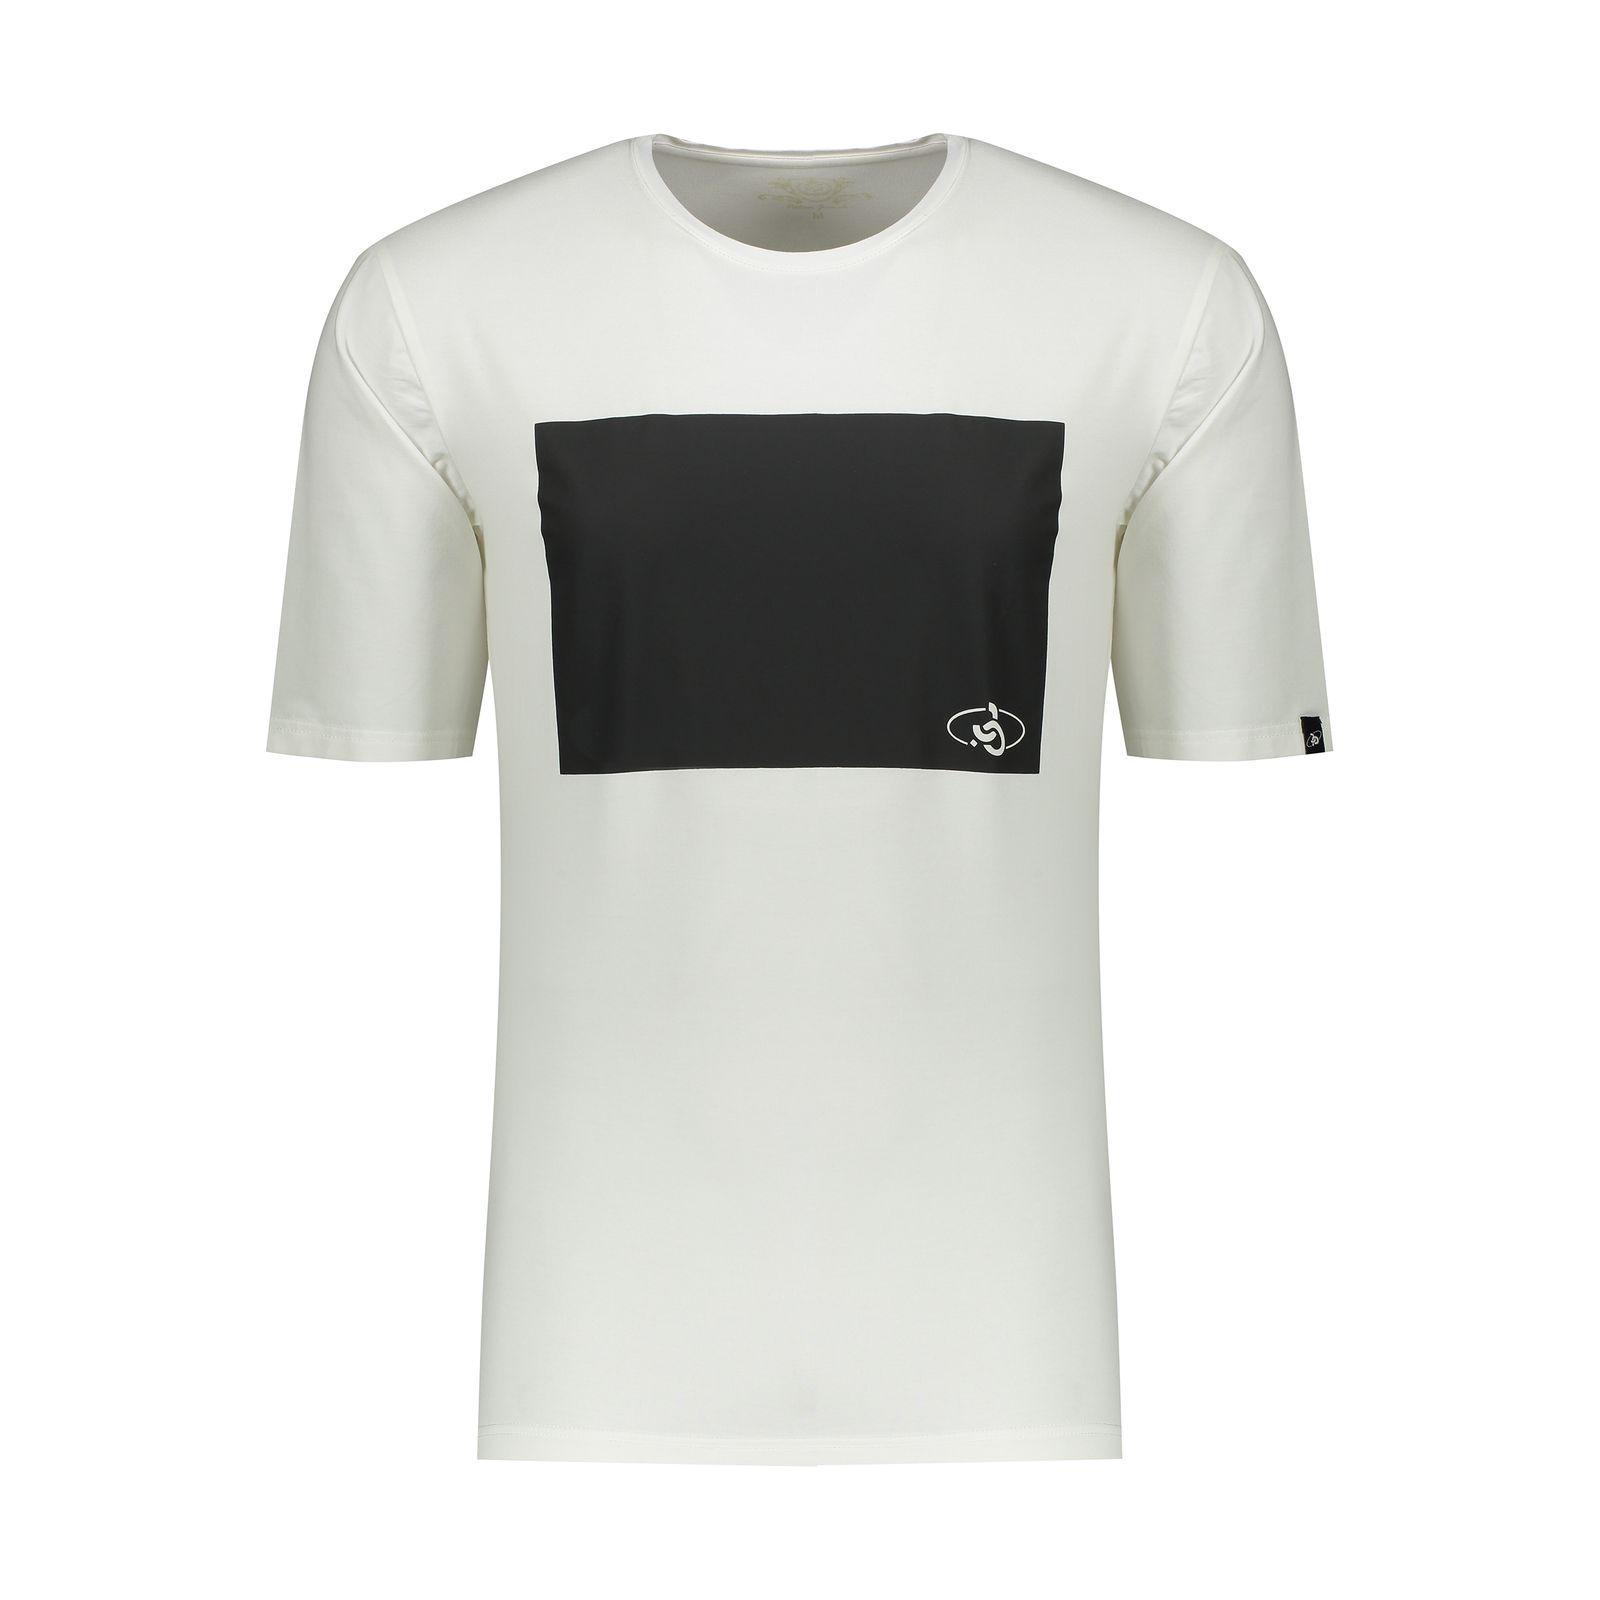 تی شرت مردانه پاتن جامه کد 99M5224 رنگ سفید -  - 2